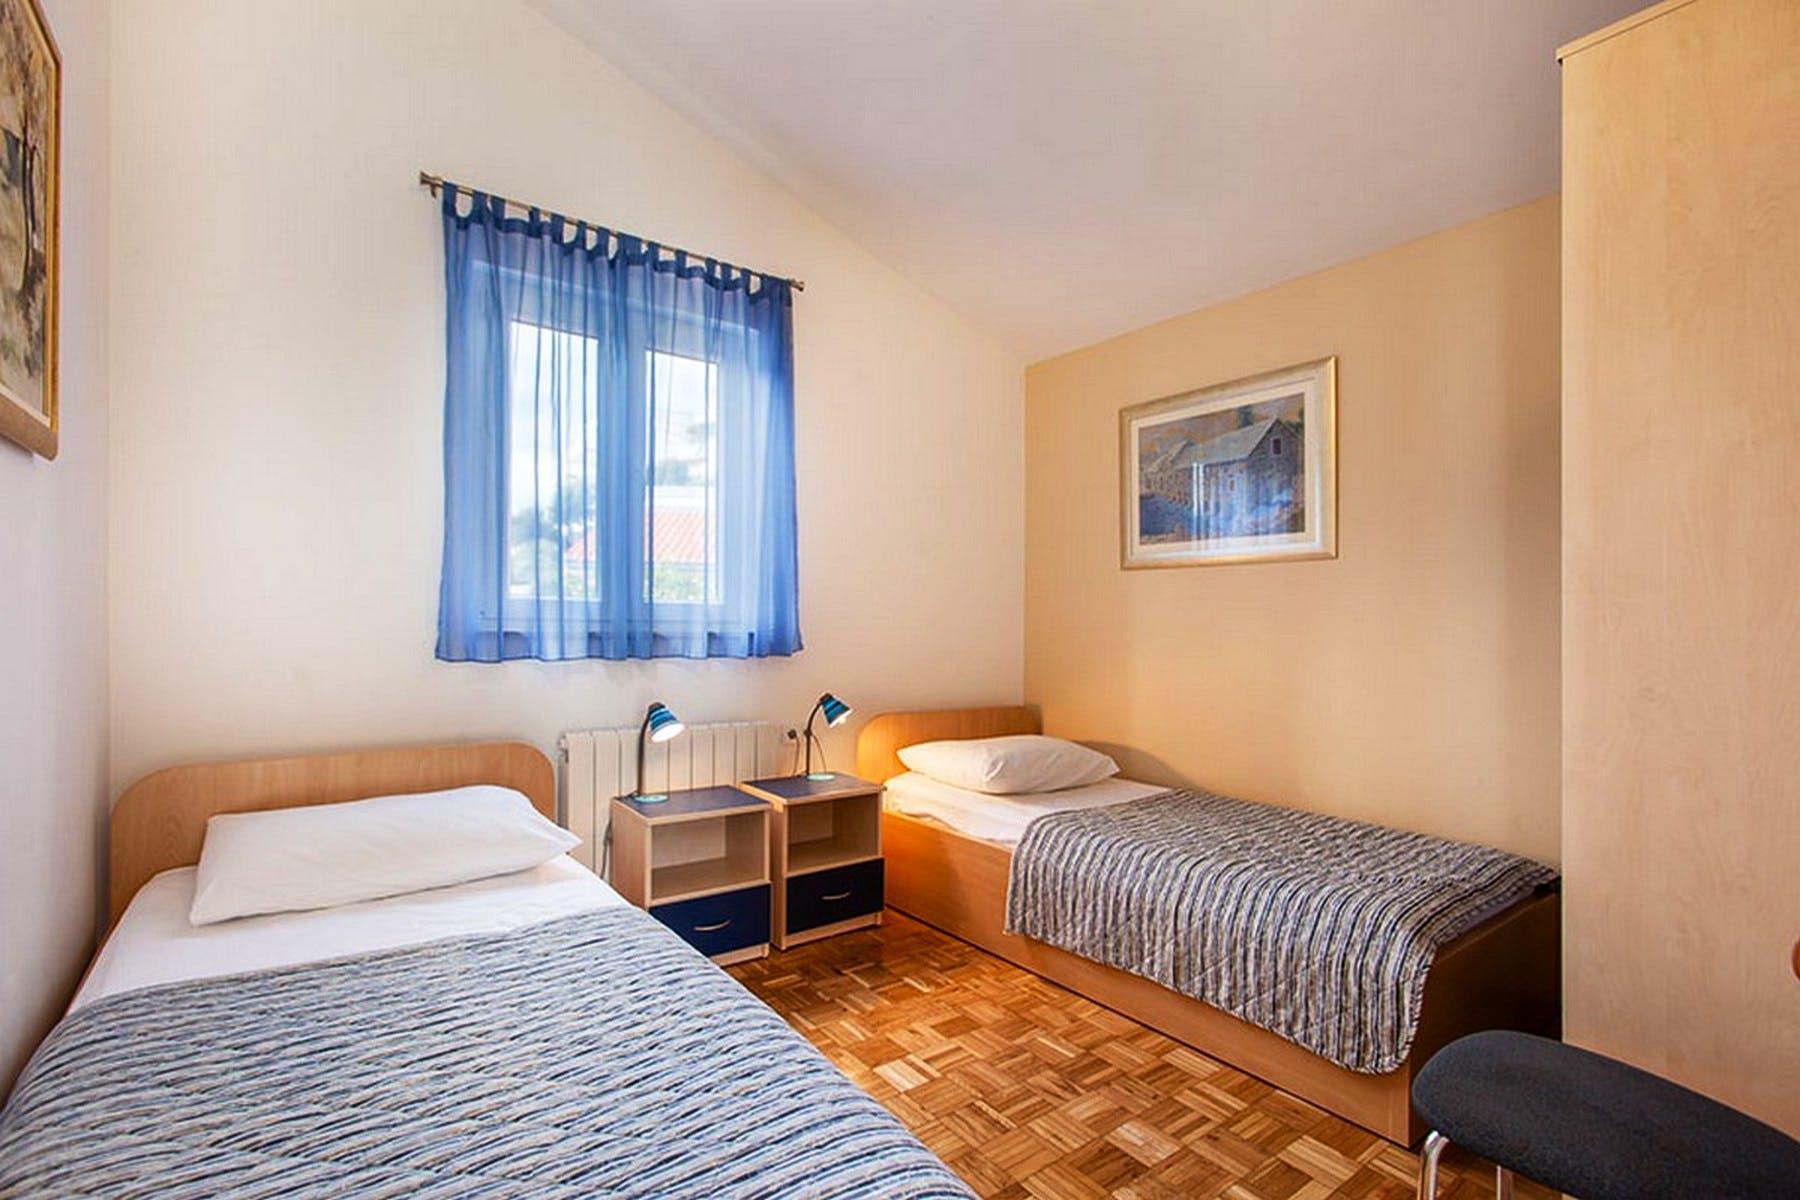 Twin bedroom in neutrals